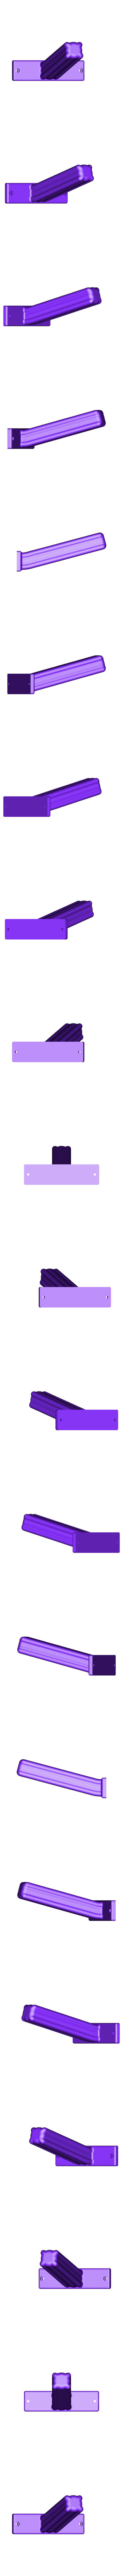 spool_holder.stl Télécharger fichier STL gratuit Printrbot Simple porte-bobine en métal • Modèle pour imprimante 3D, stensethjeremy